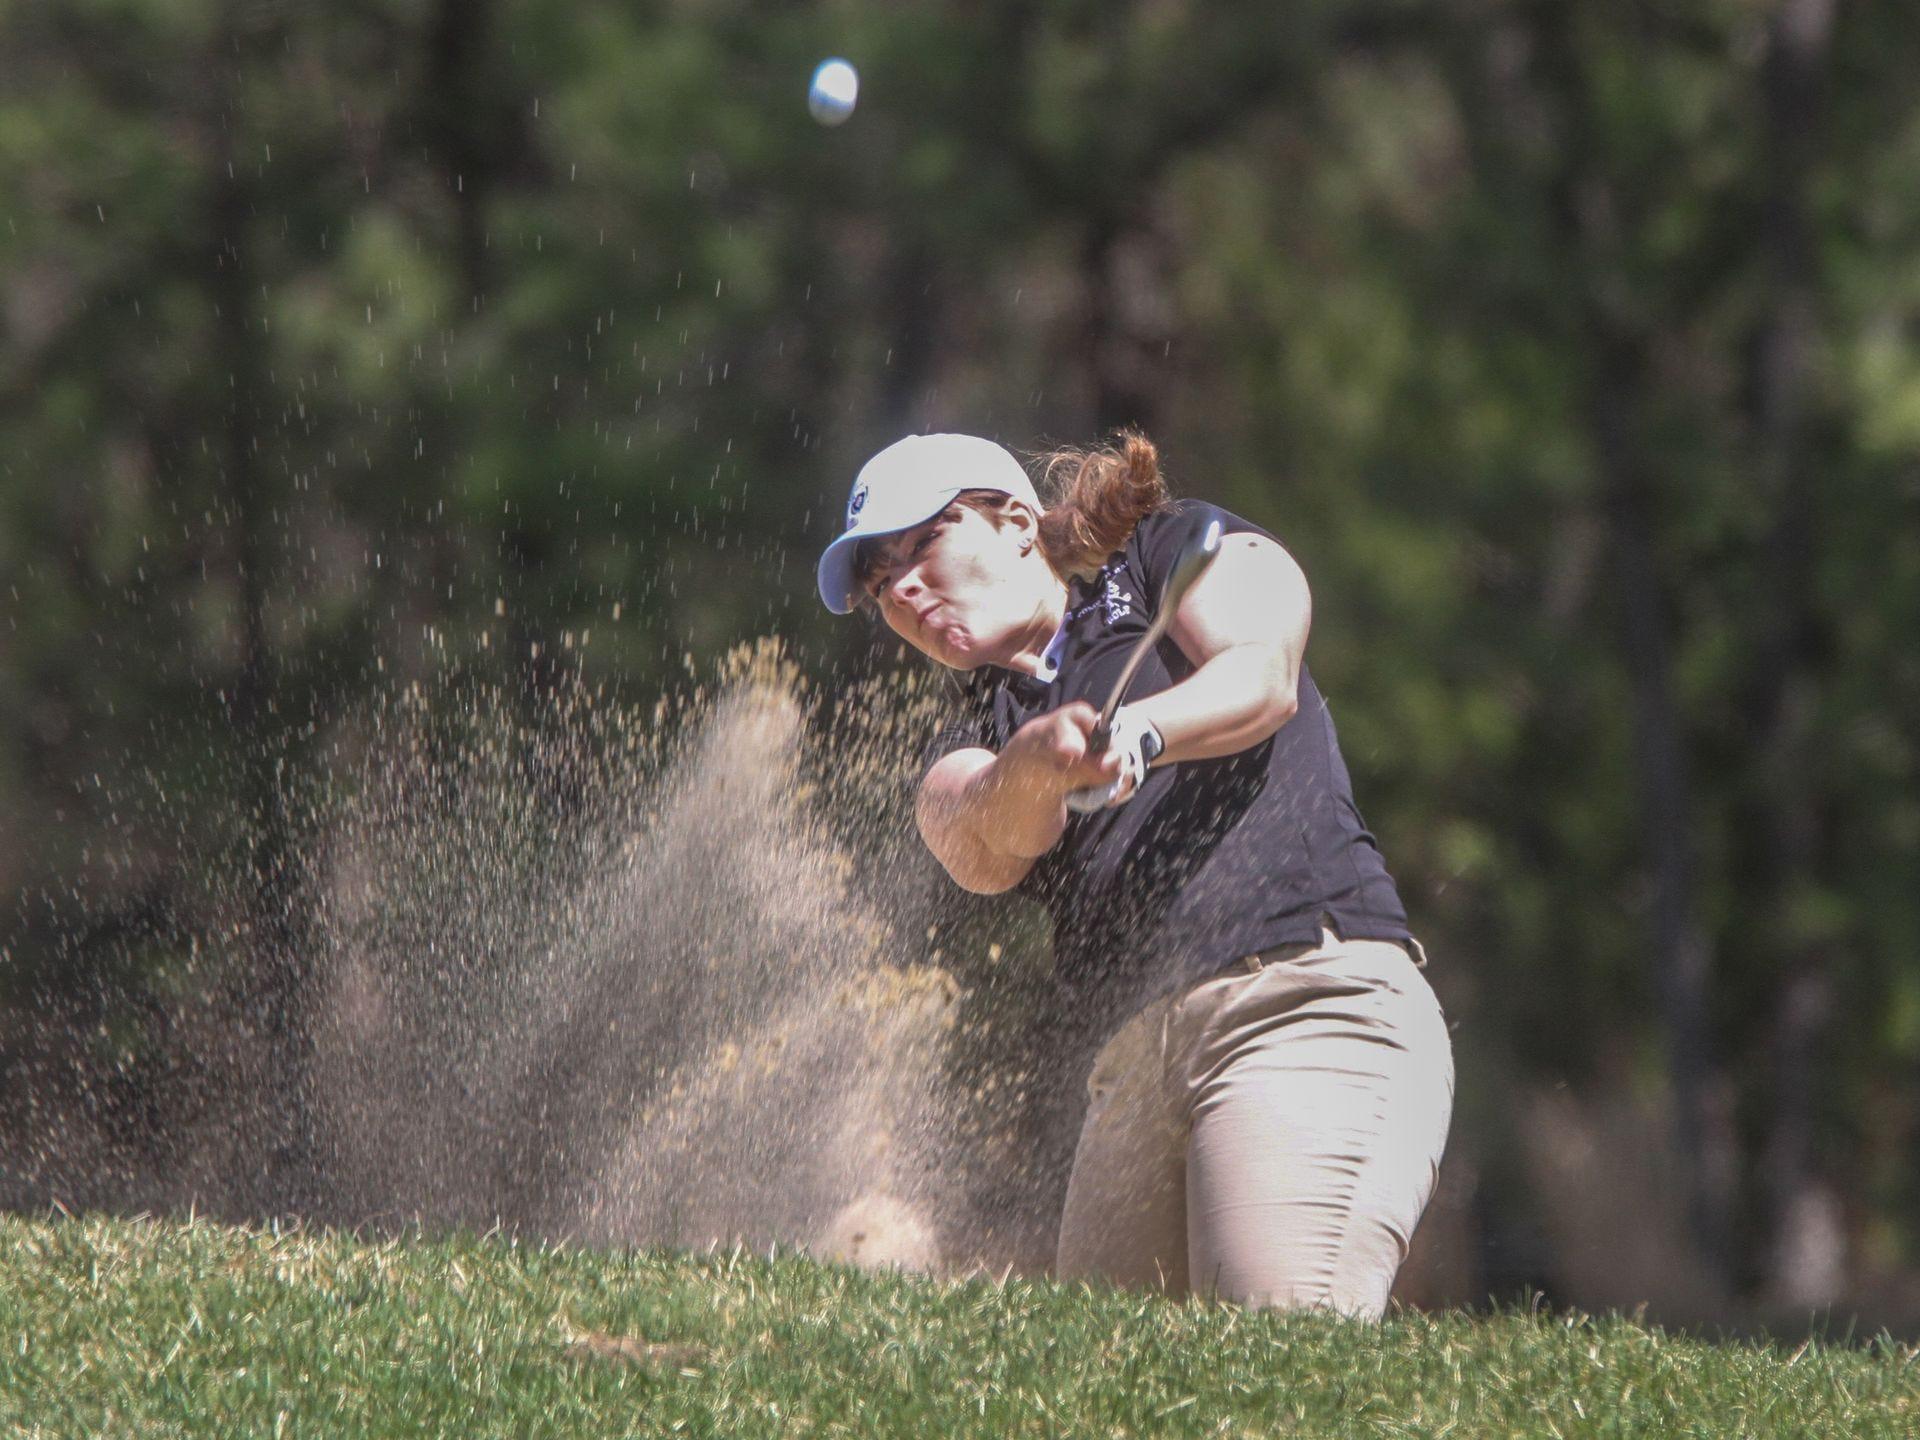 Ocean County girls golf tournament